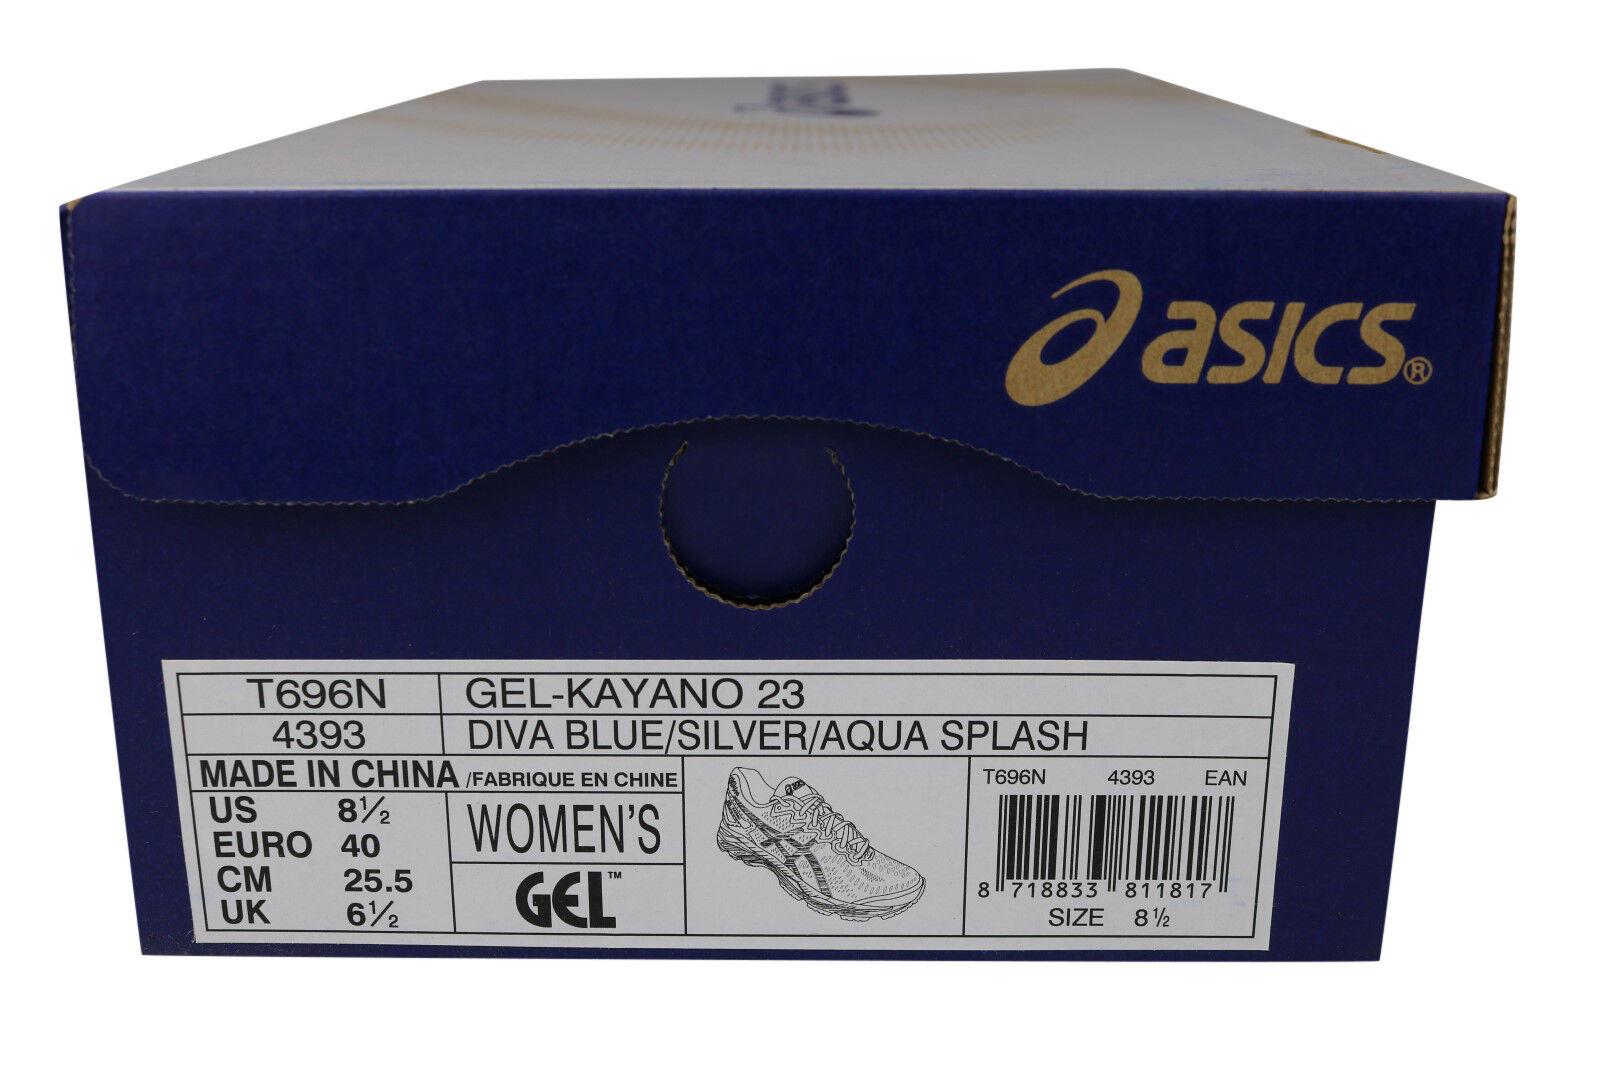 Asics Gel Kayano 23 Damen damen Running Laufschuhe T696N-4393 T696N-4393 T696N-4393 Gr 37 - 42 NEU OVP 6263e8